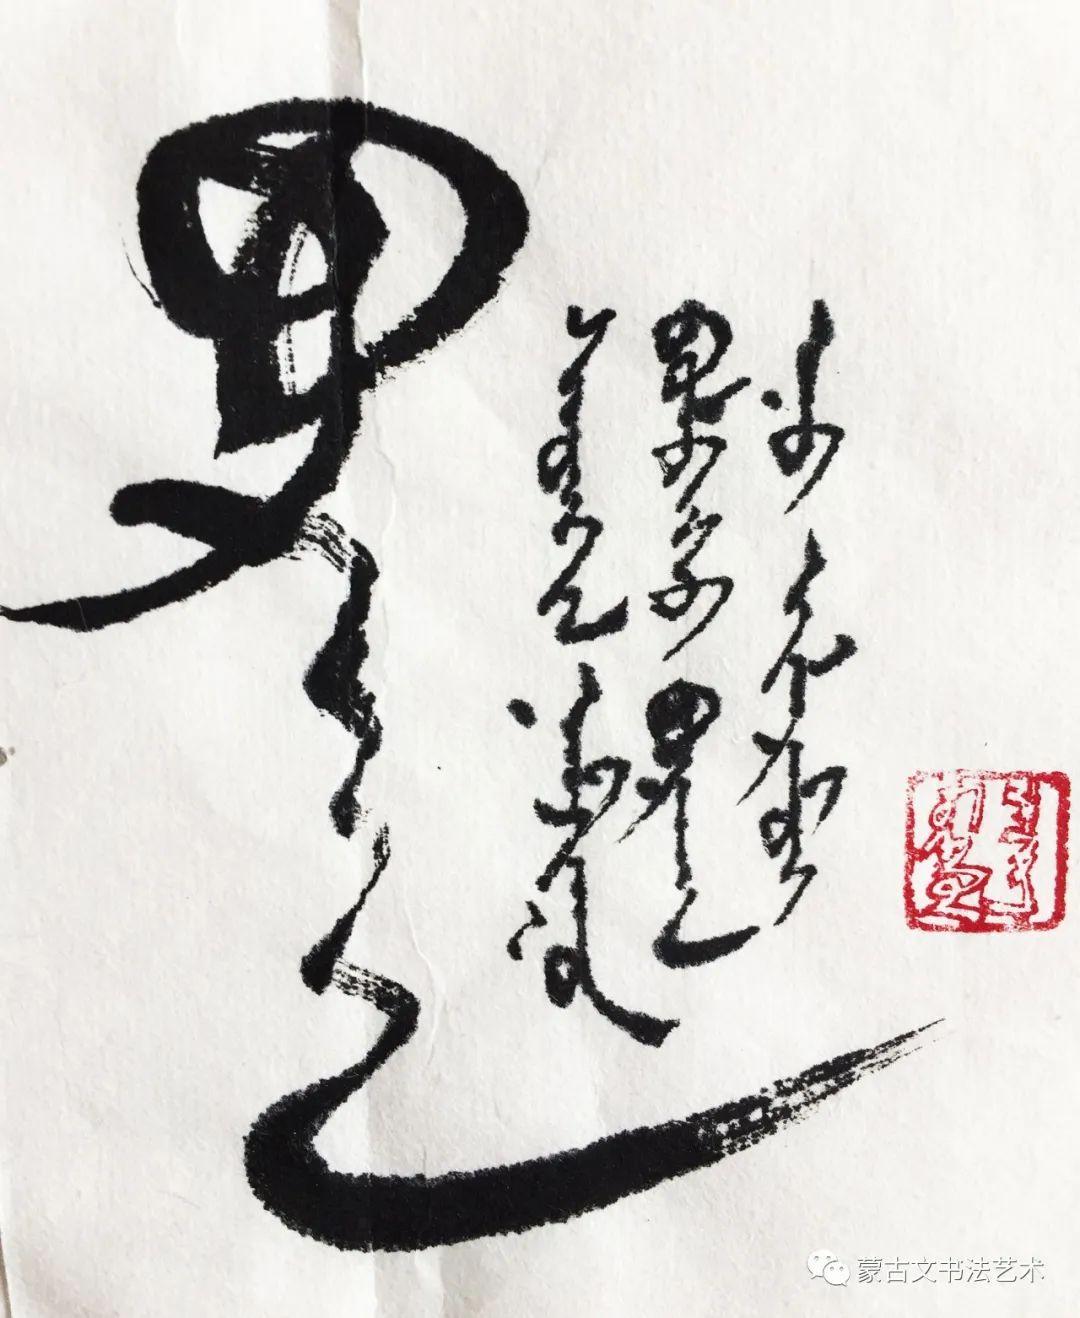 孟根其其格蒙古文书法(二) 第4张 孟根其其格蒙古文书法(二) 蒙古书法